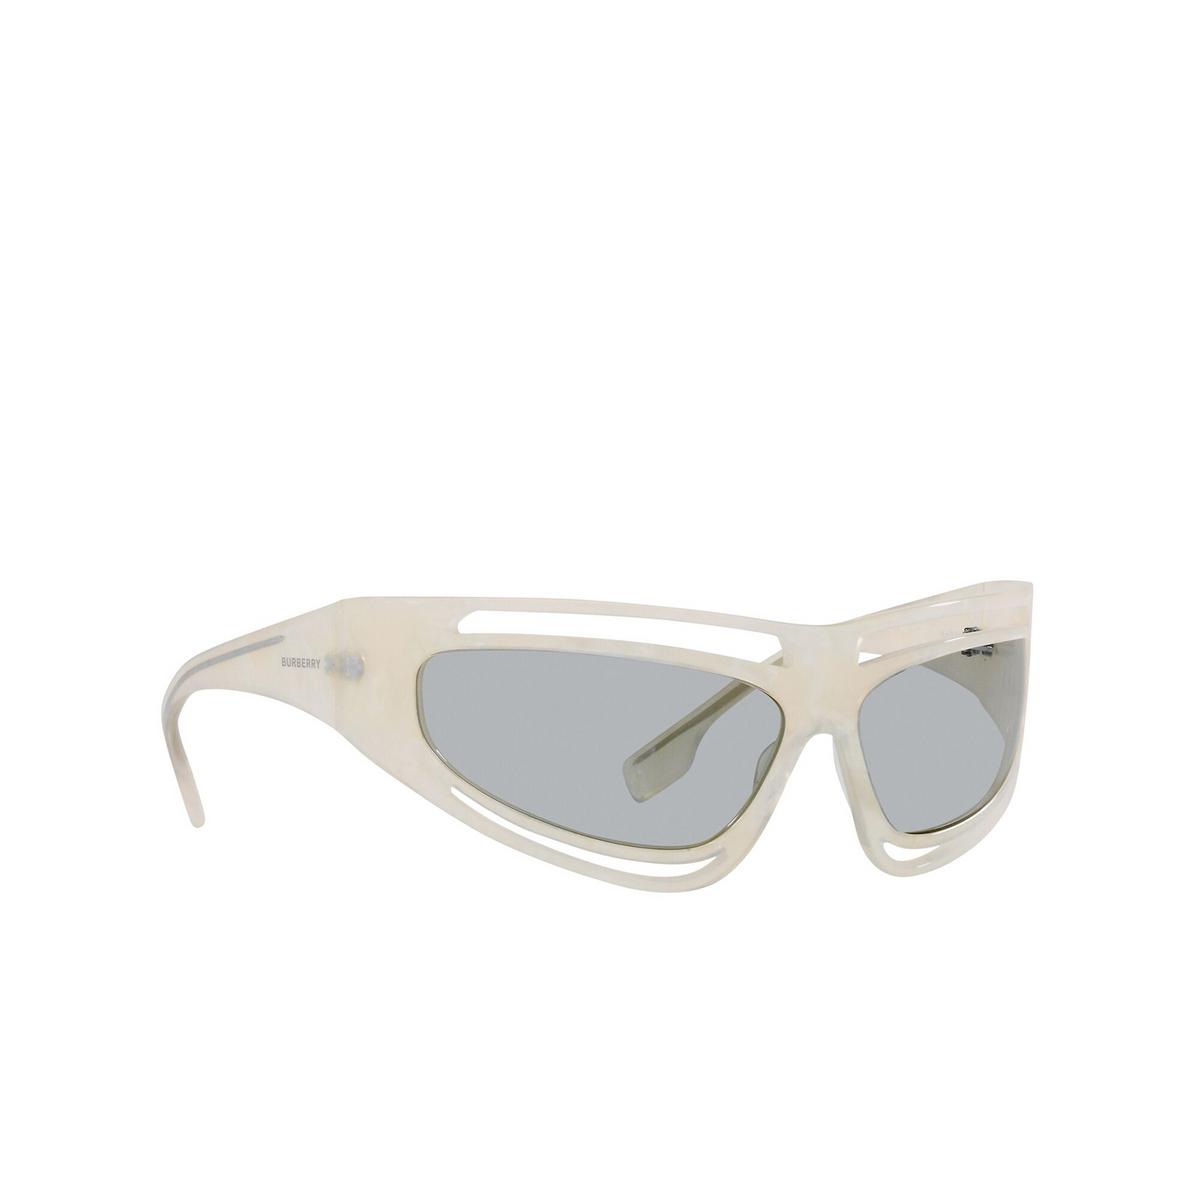 Burberry® Sport Sunglasses: BE4342 color Ivory Madreperla 388687 - three-quarters view.